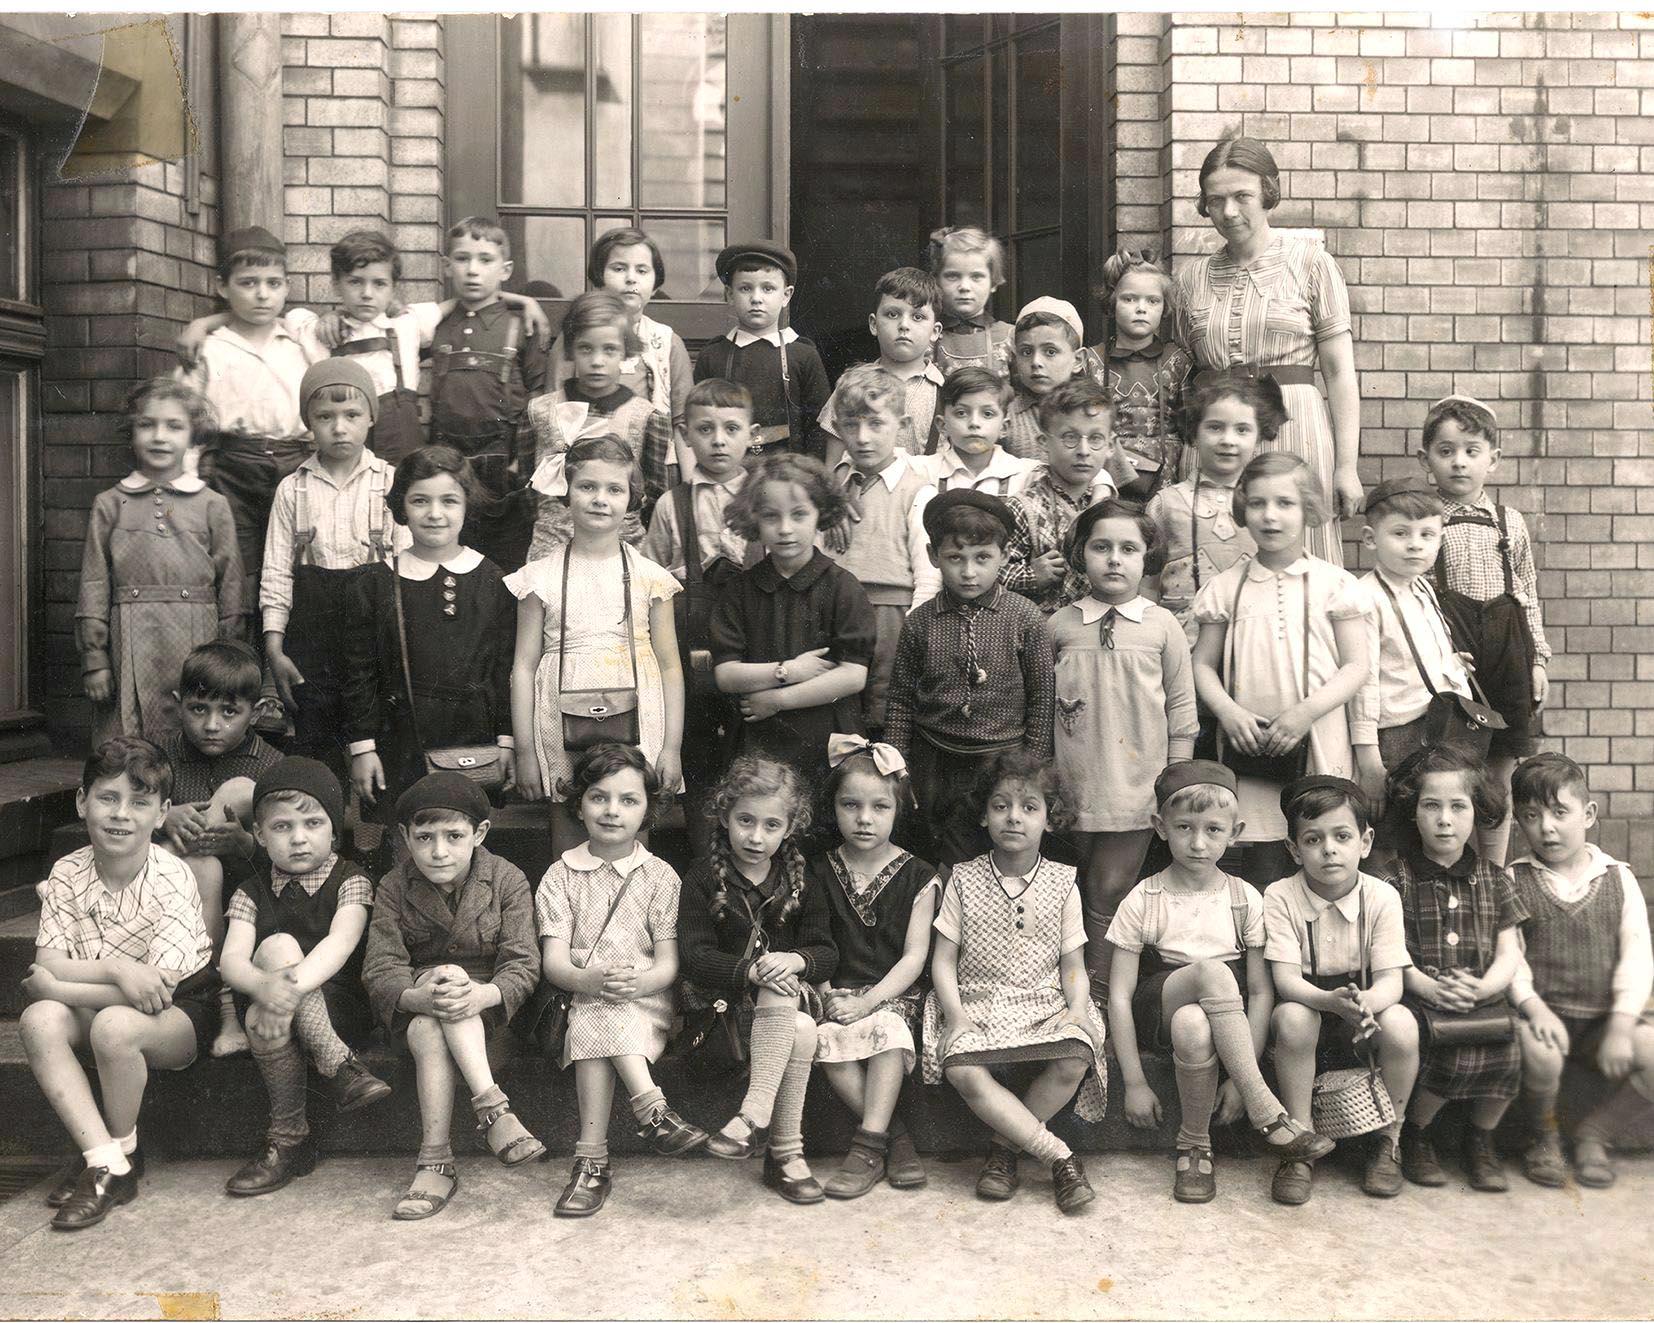 Breslau, Jüdische Schulklasse 1938. Foto: Filmhaus Nürnberg